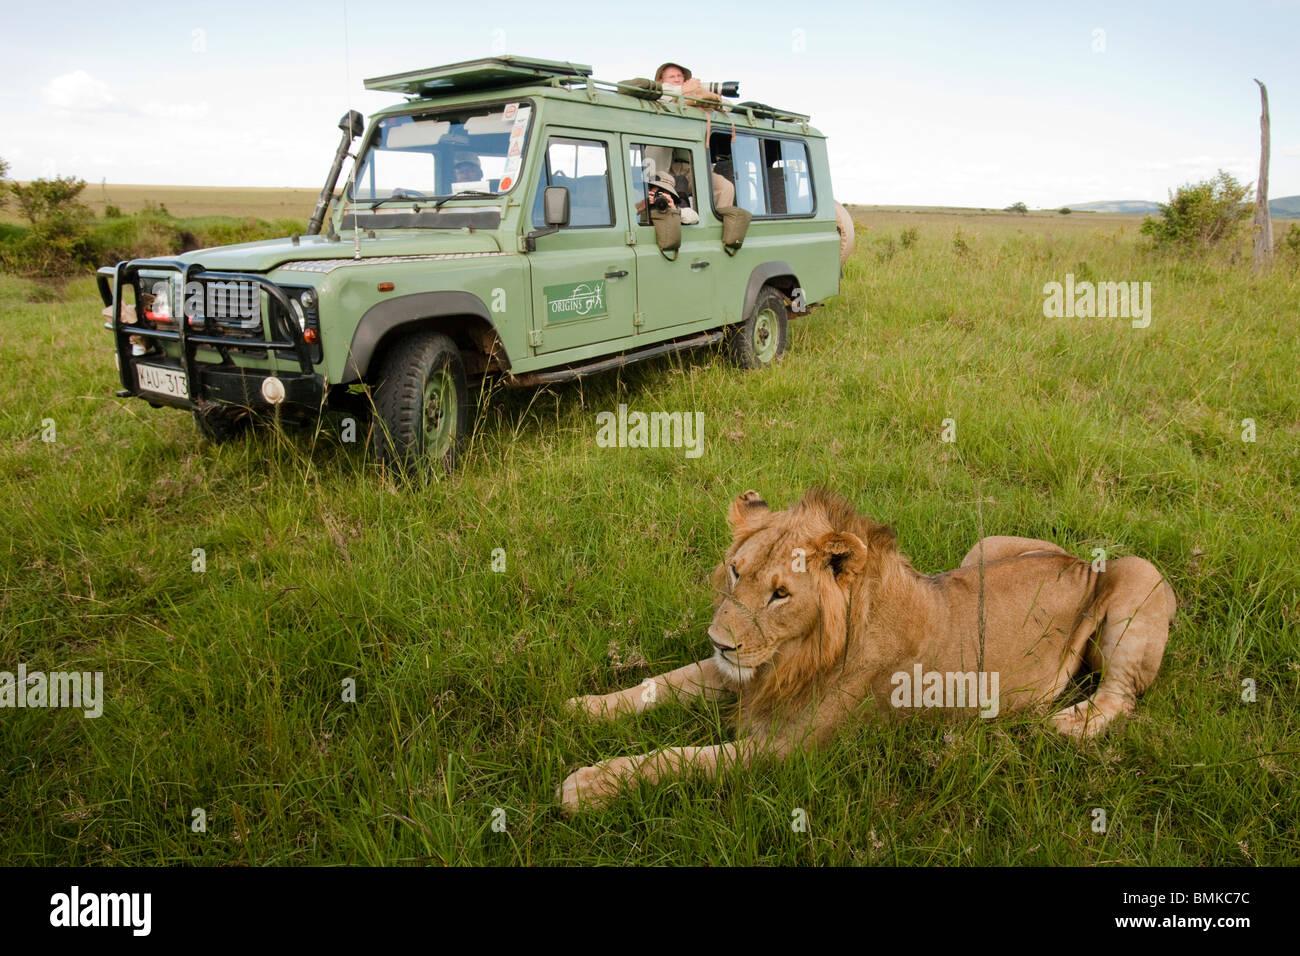 Leone africano, Panthera leo, nella parte anteriore dei veicoli turistici nel Masai Mara GR, Kenya. Immagini Stock